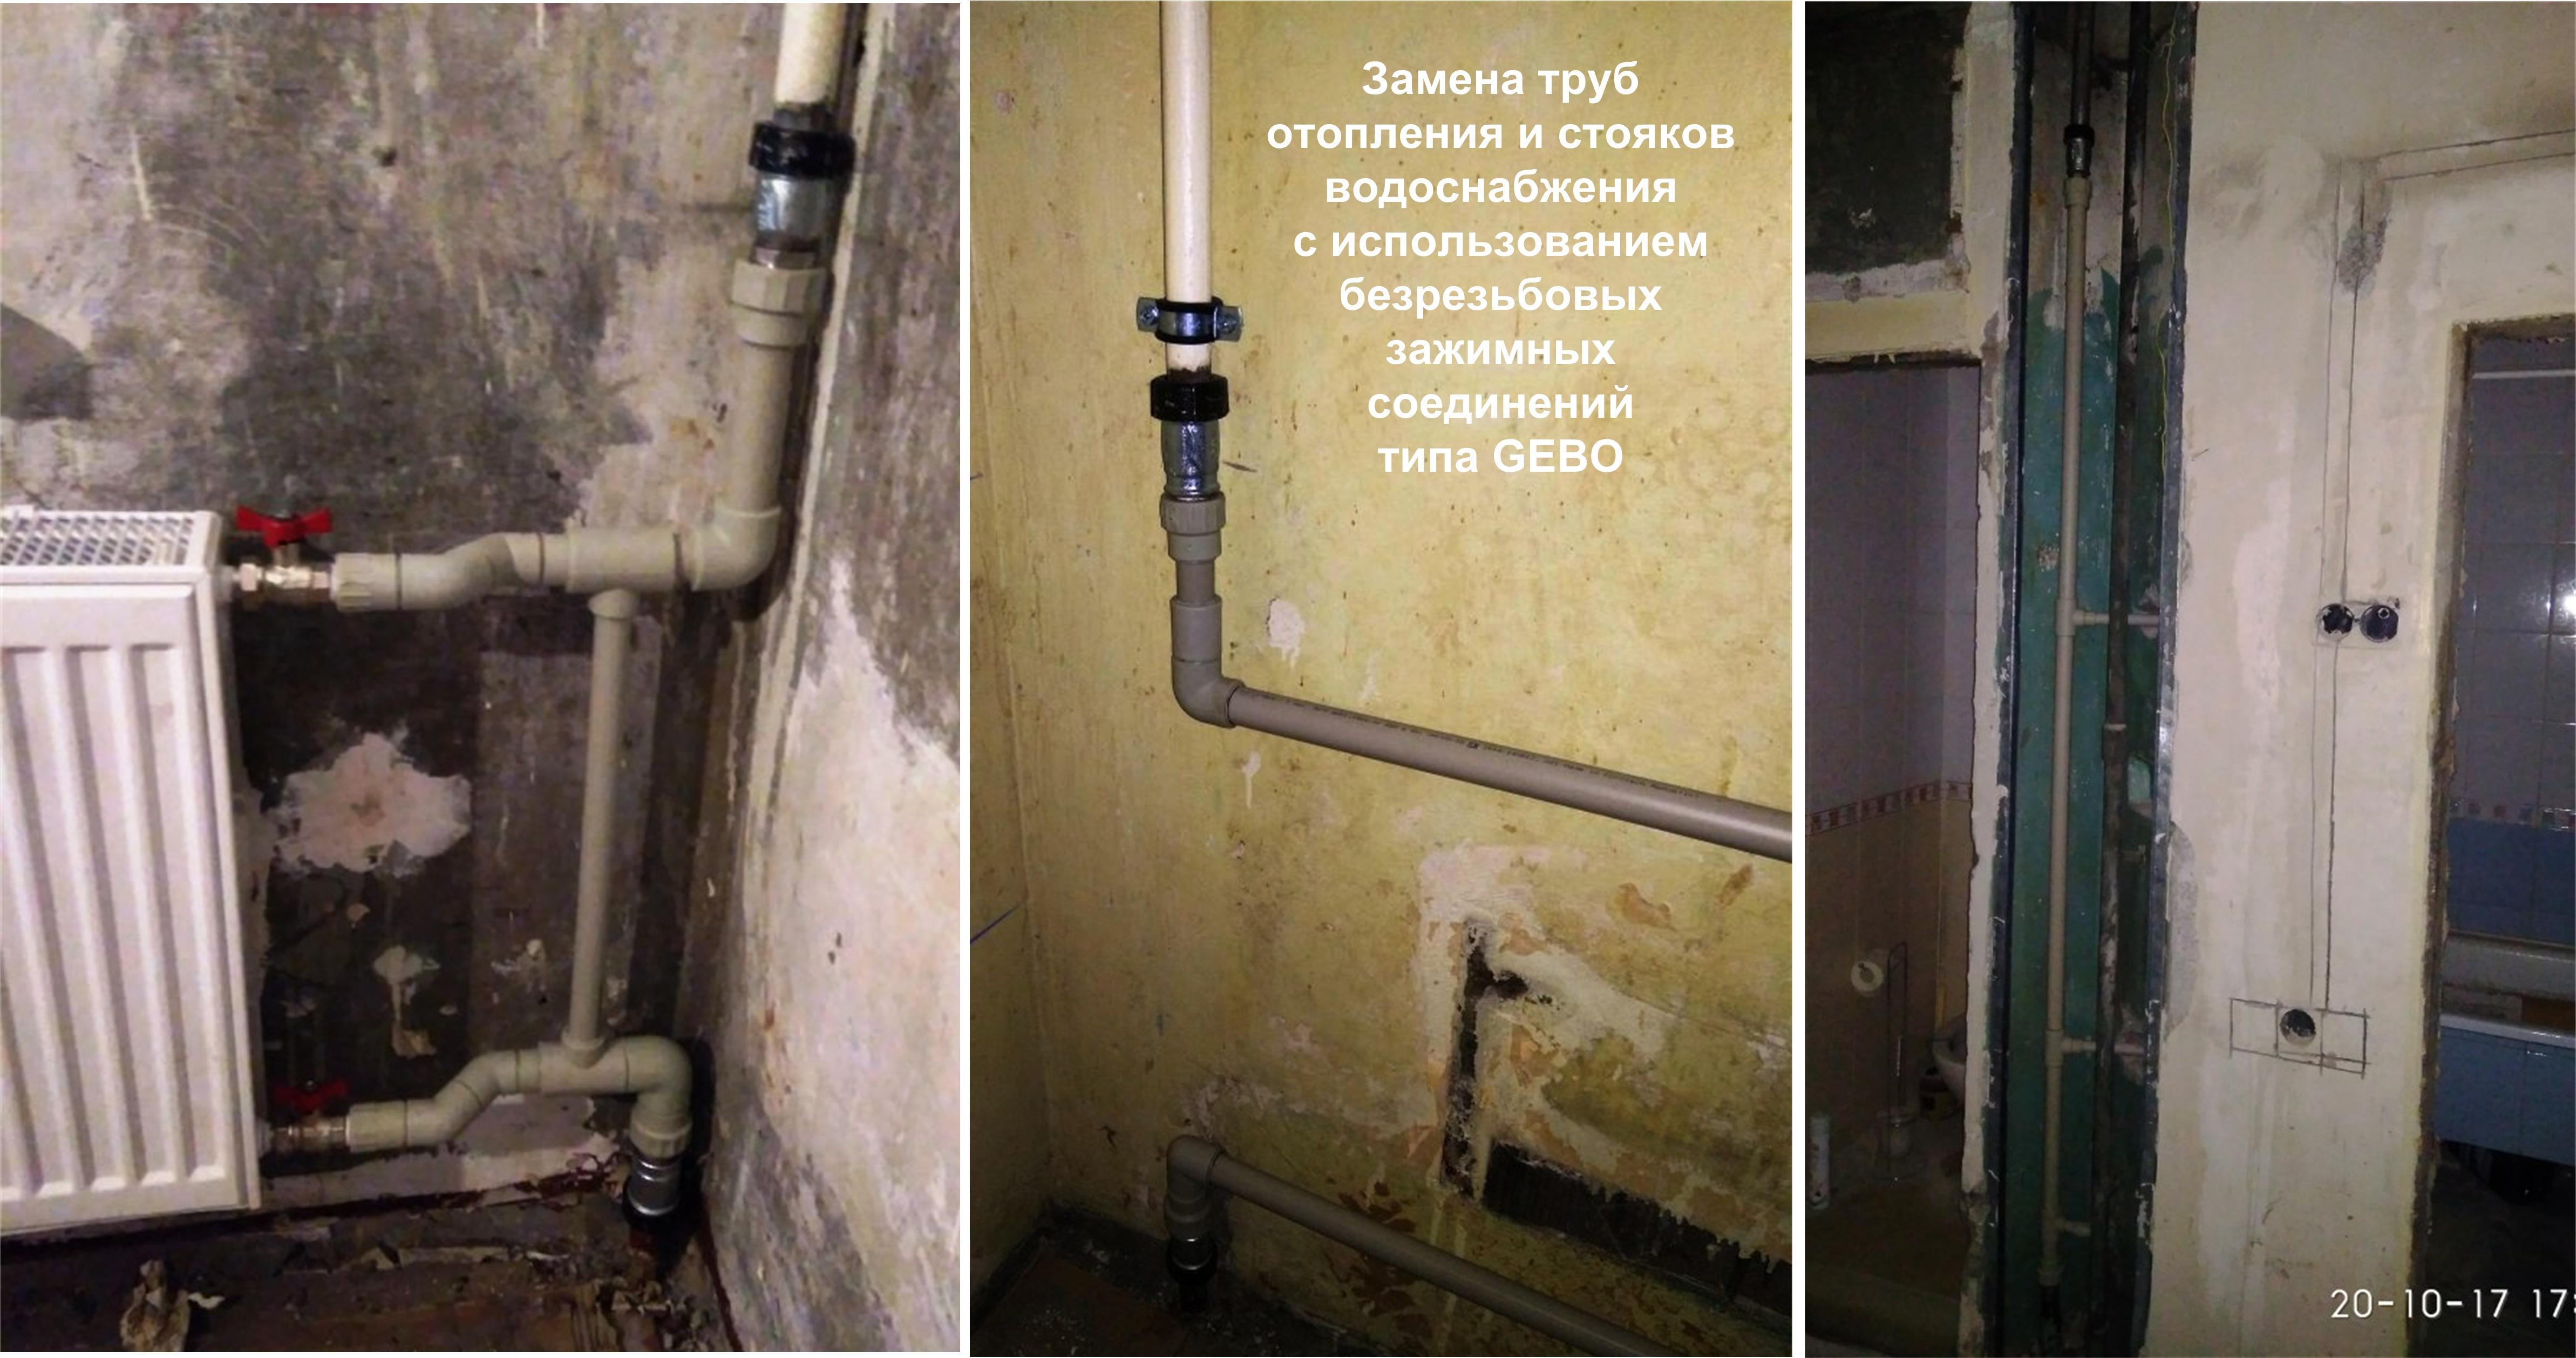 Стояки отопления: отключение, замена, теплоизоляция